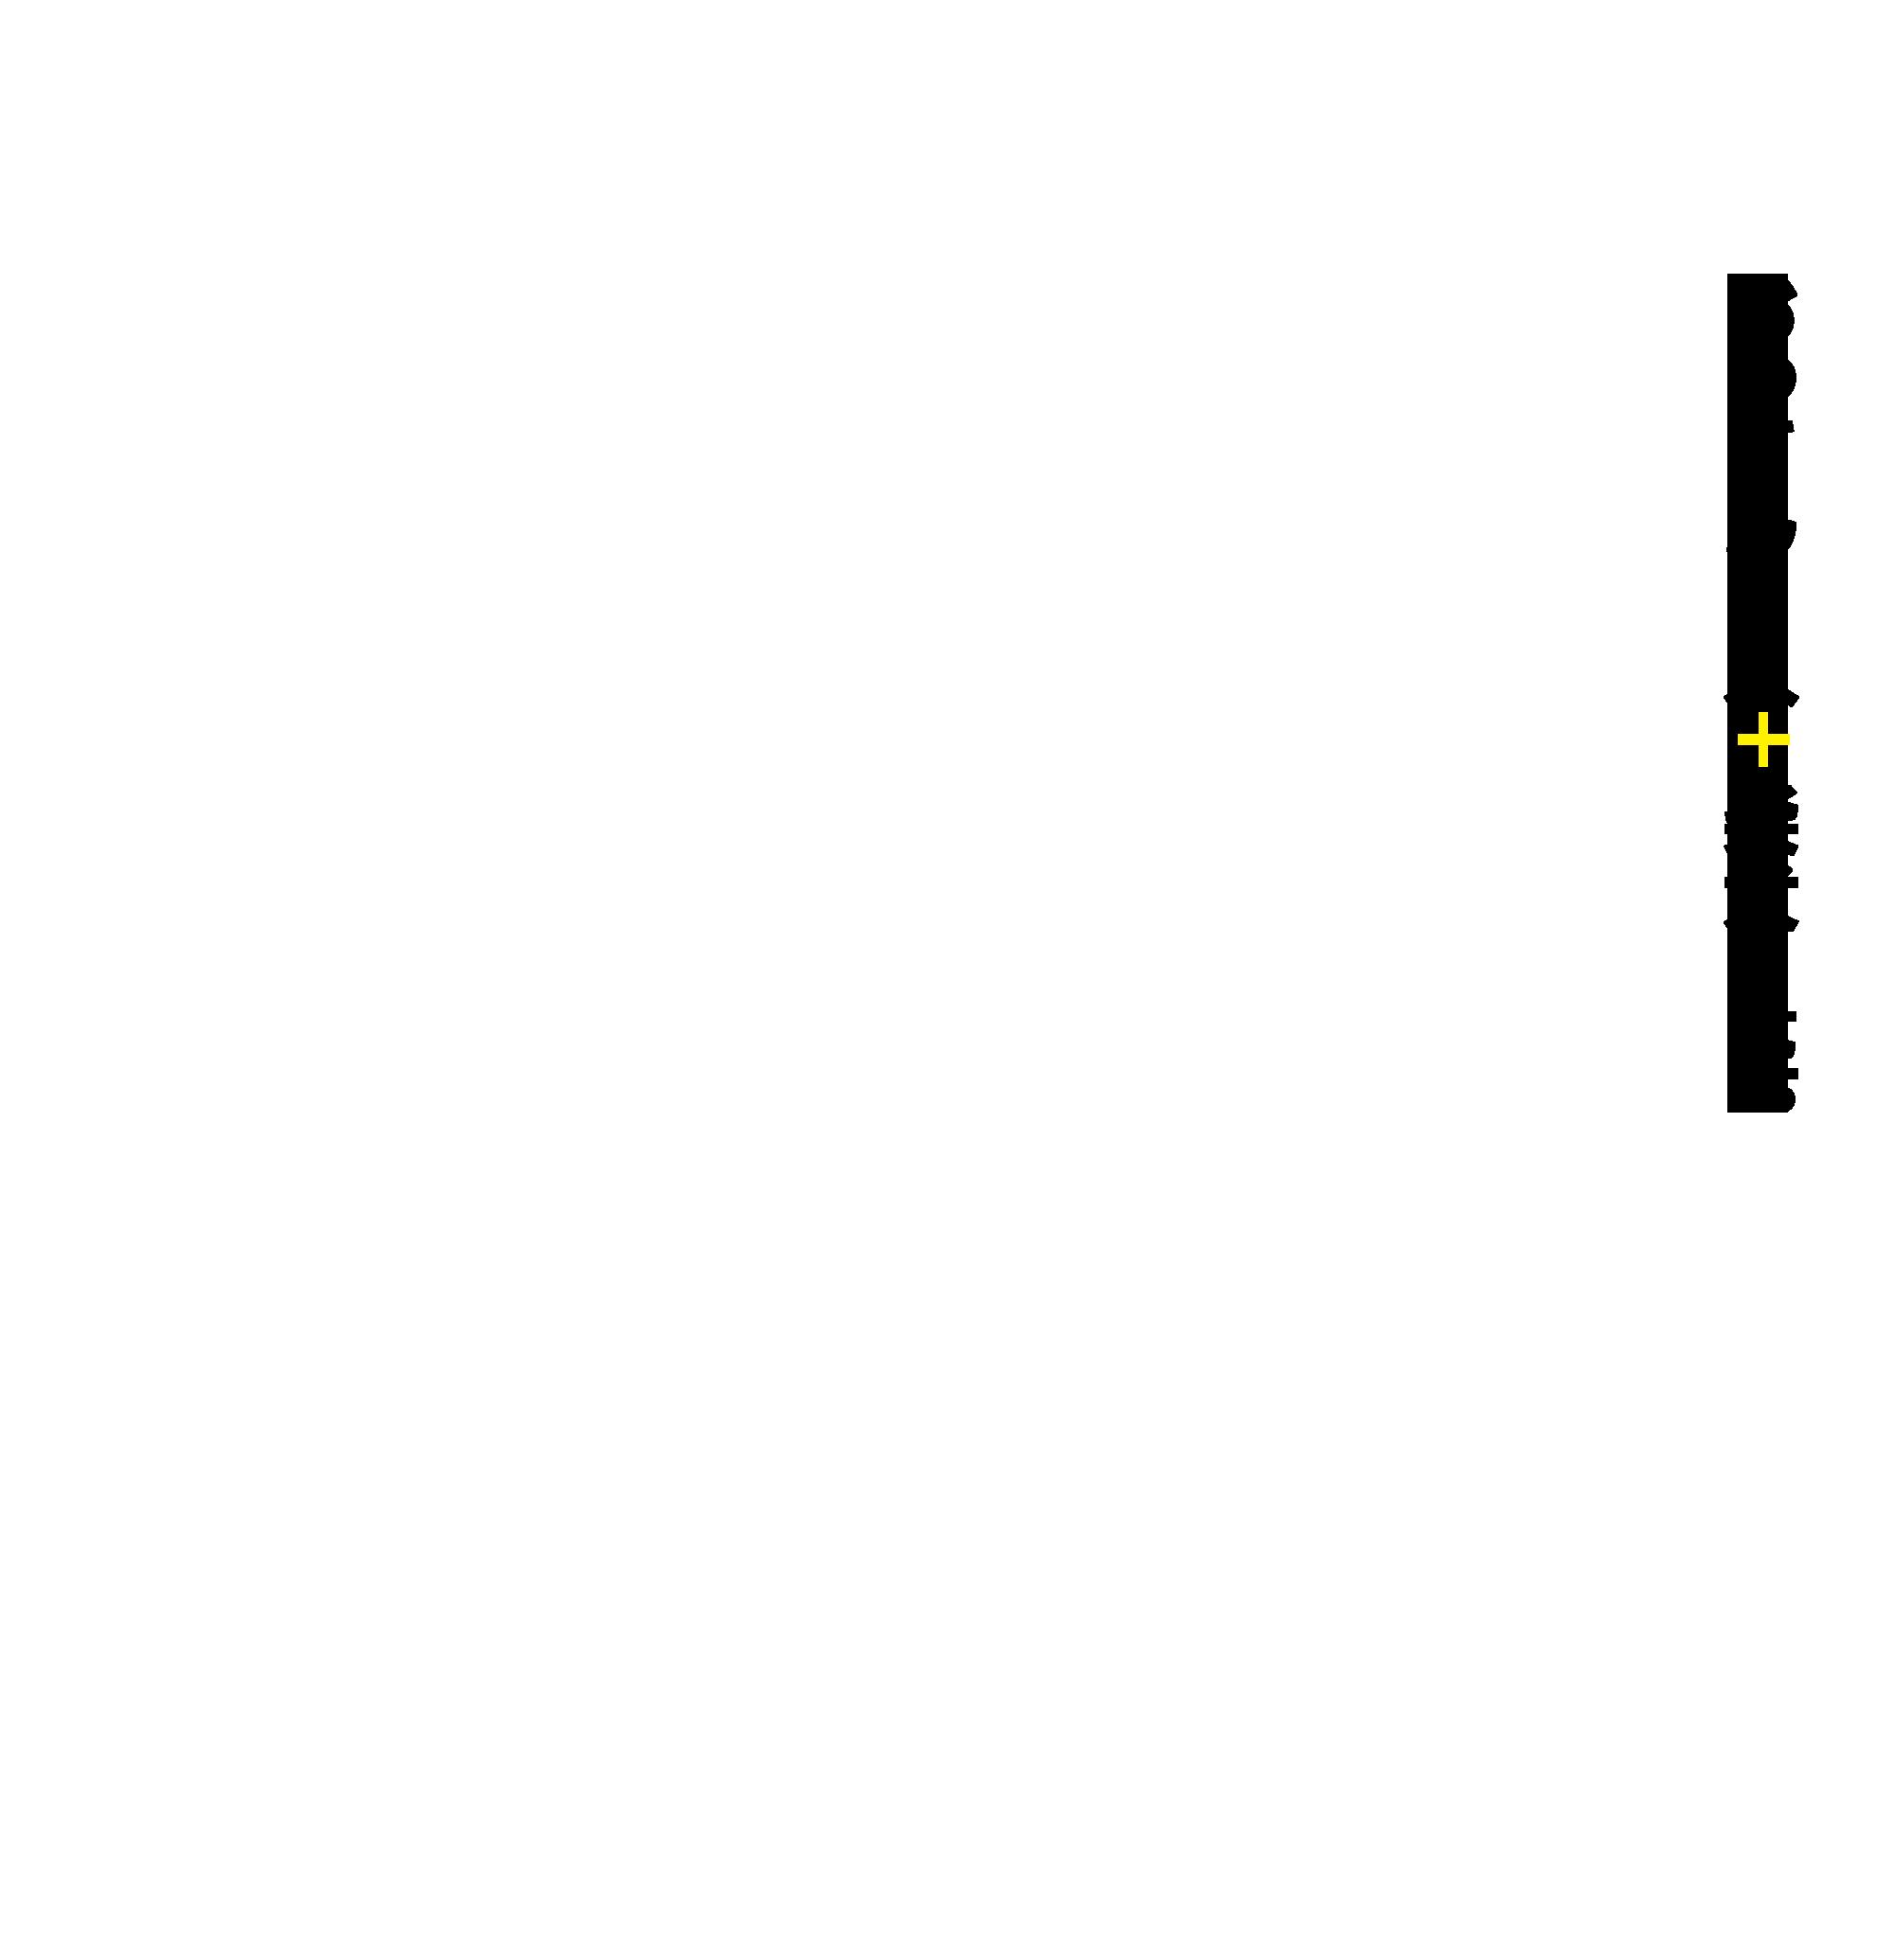 テレビドラマ/映画「柴公園」公式サイト